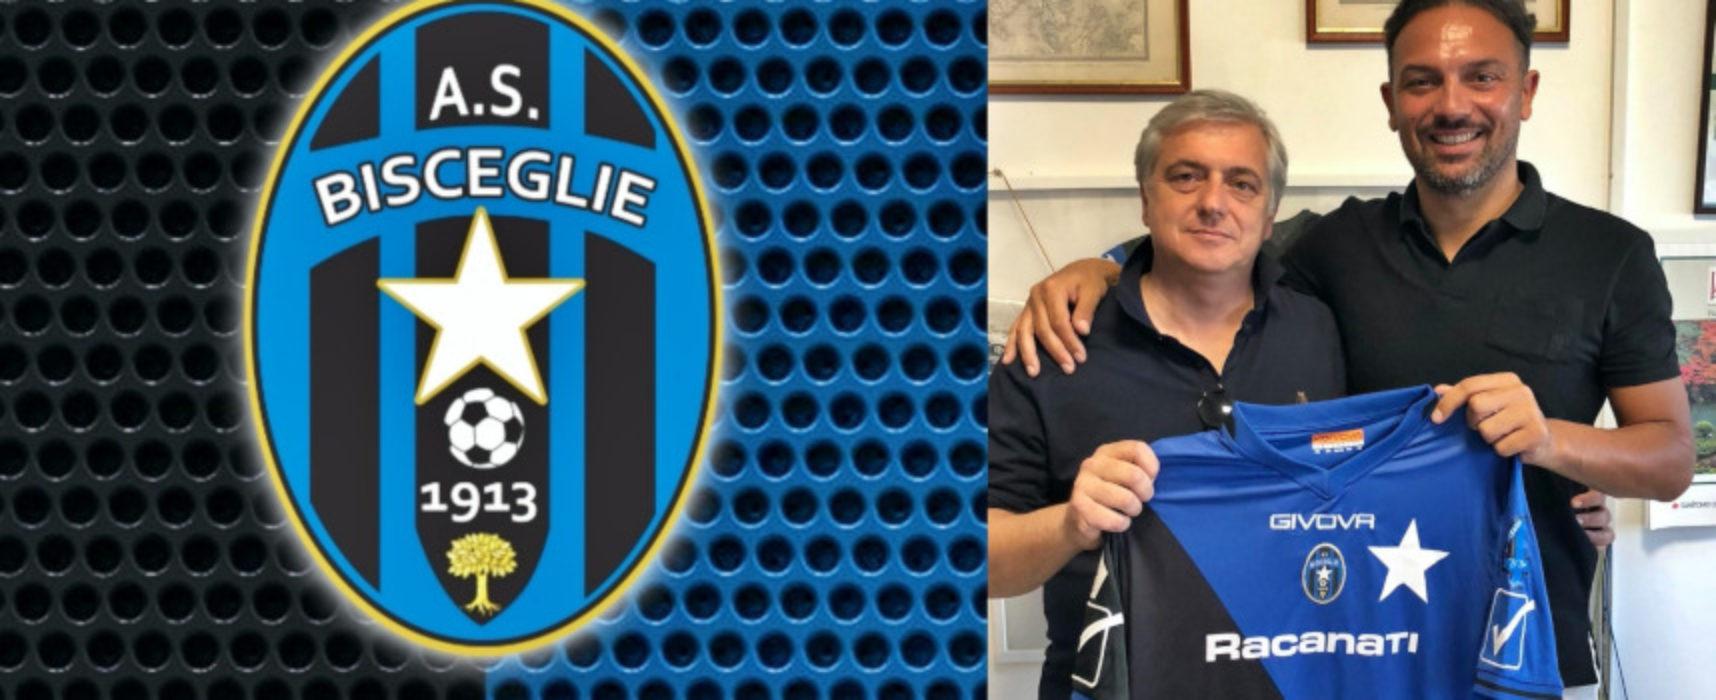 Il Bisceglie Calcio riparte dal Direttore sportivo Livio Scuotto